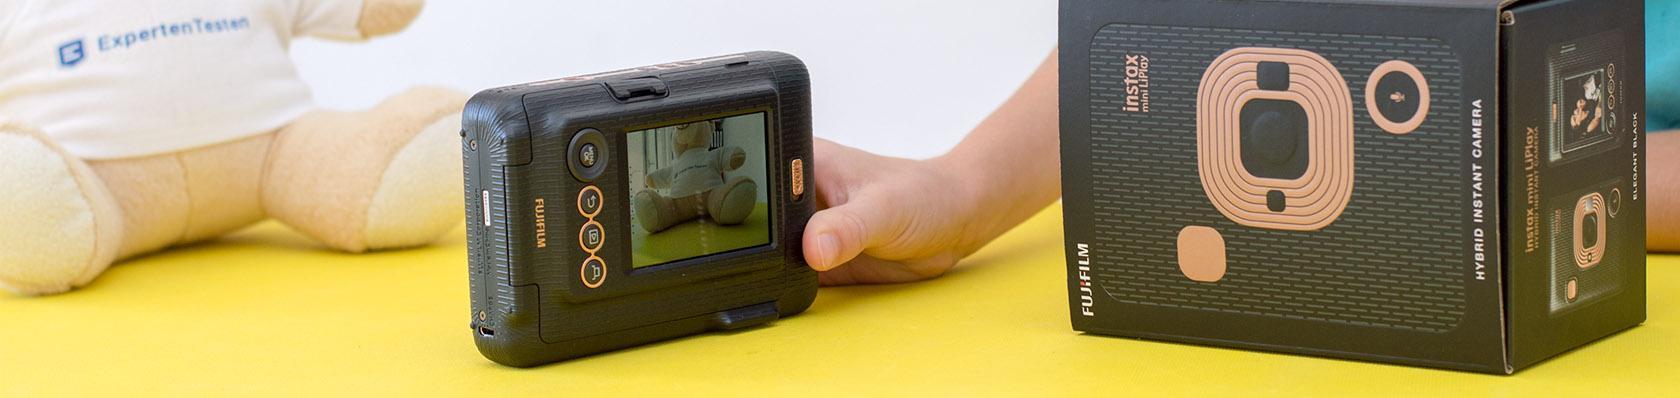 Kompaktkameras im Test auf ExpertenTesten.de